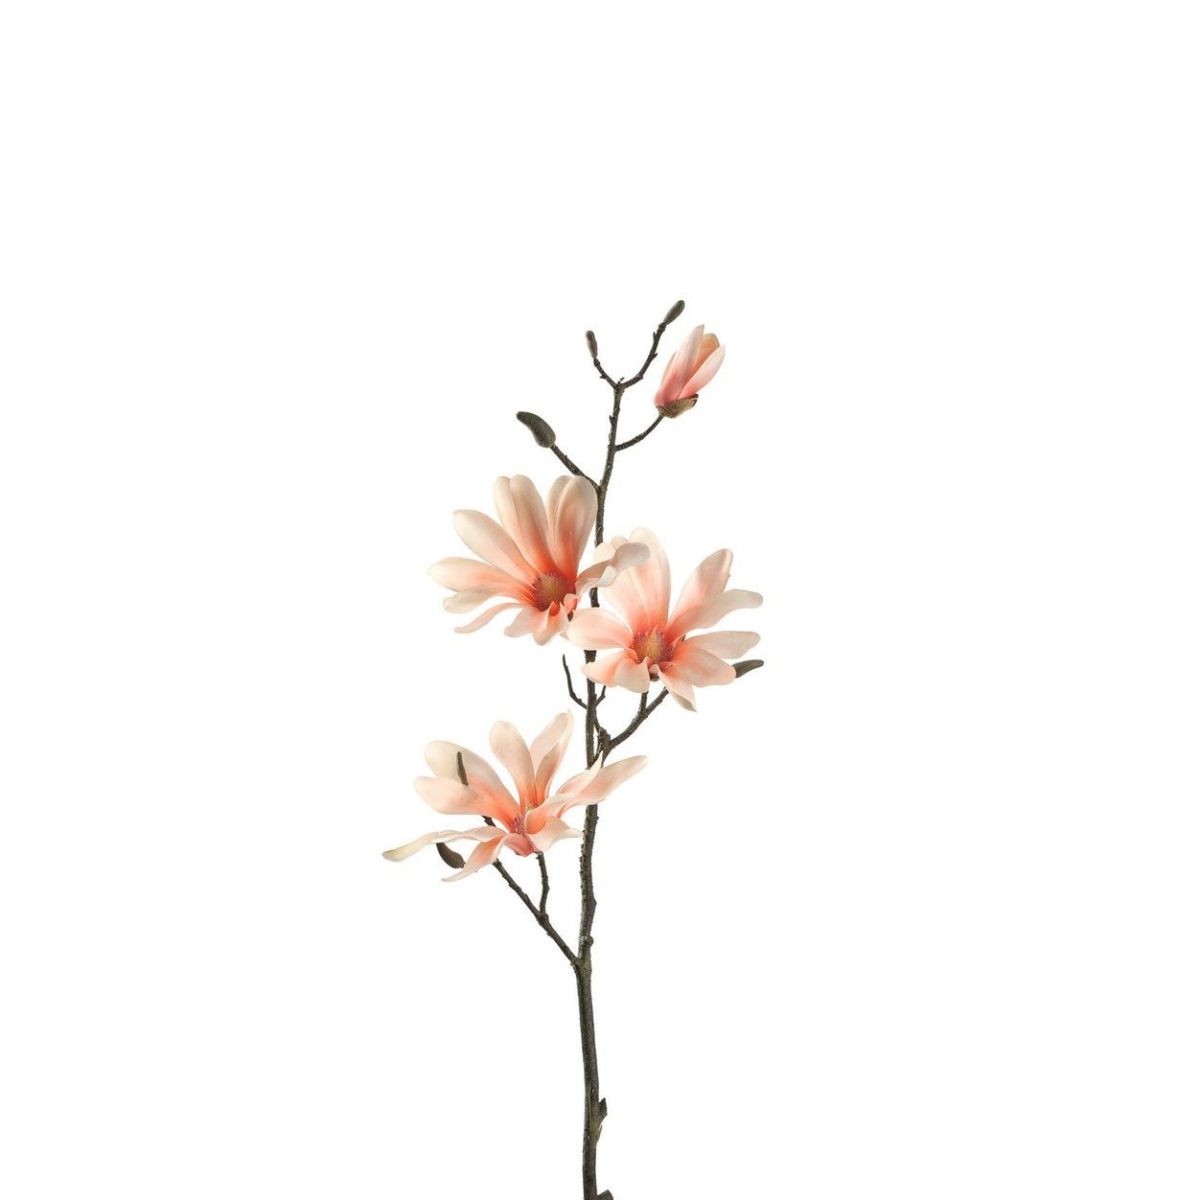 031599 0 k 1200x1200 - Floare decorativă Magnolia apricot fine 80 cm (L031599)